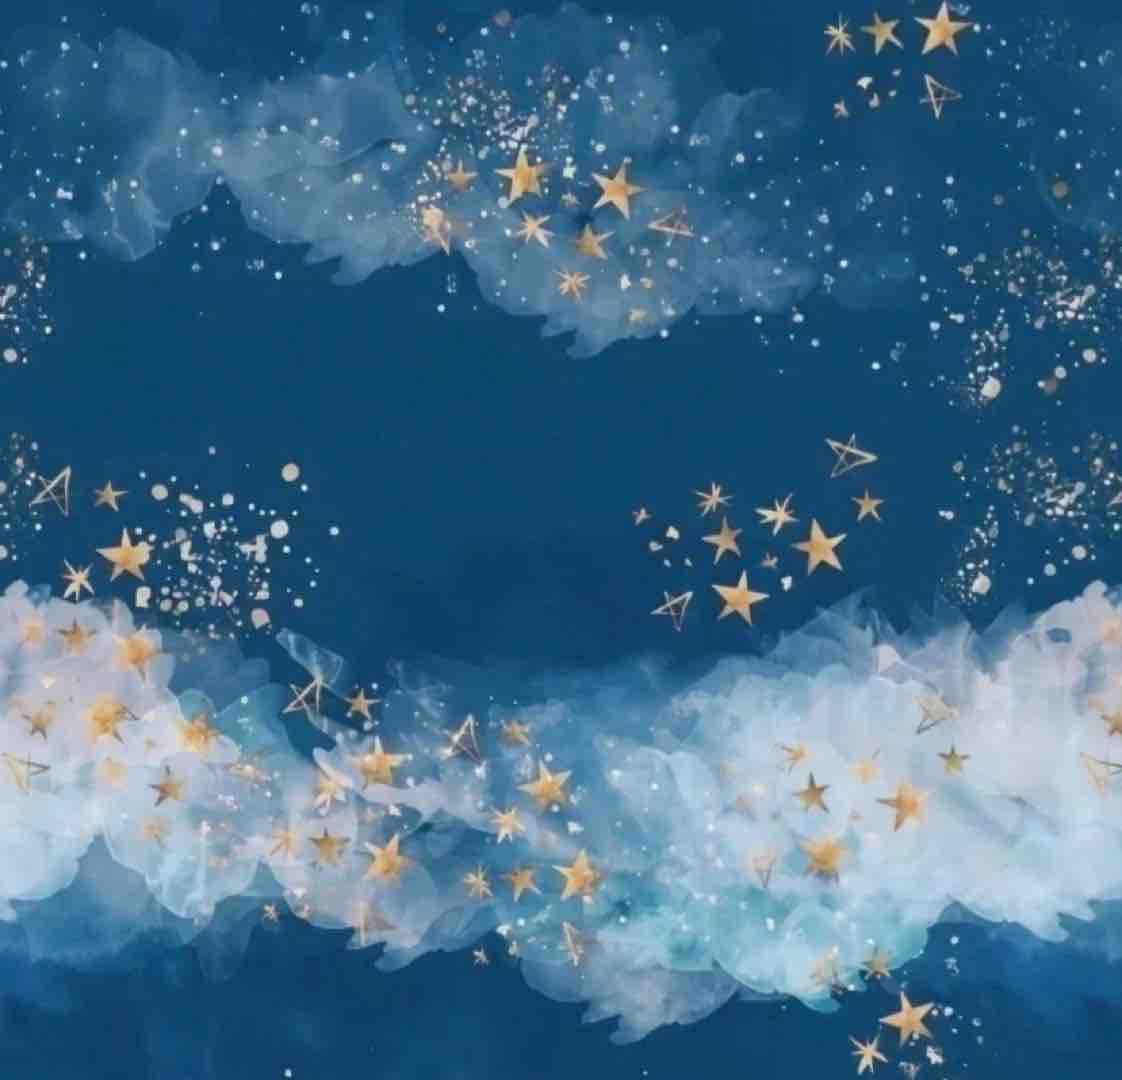 你比星星更美